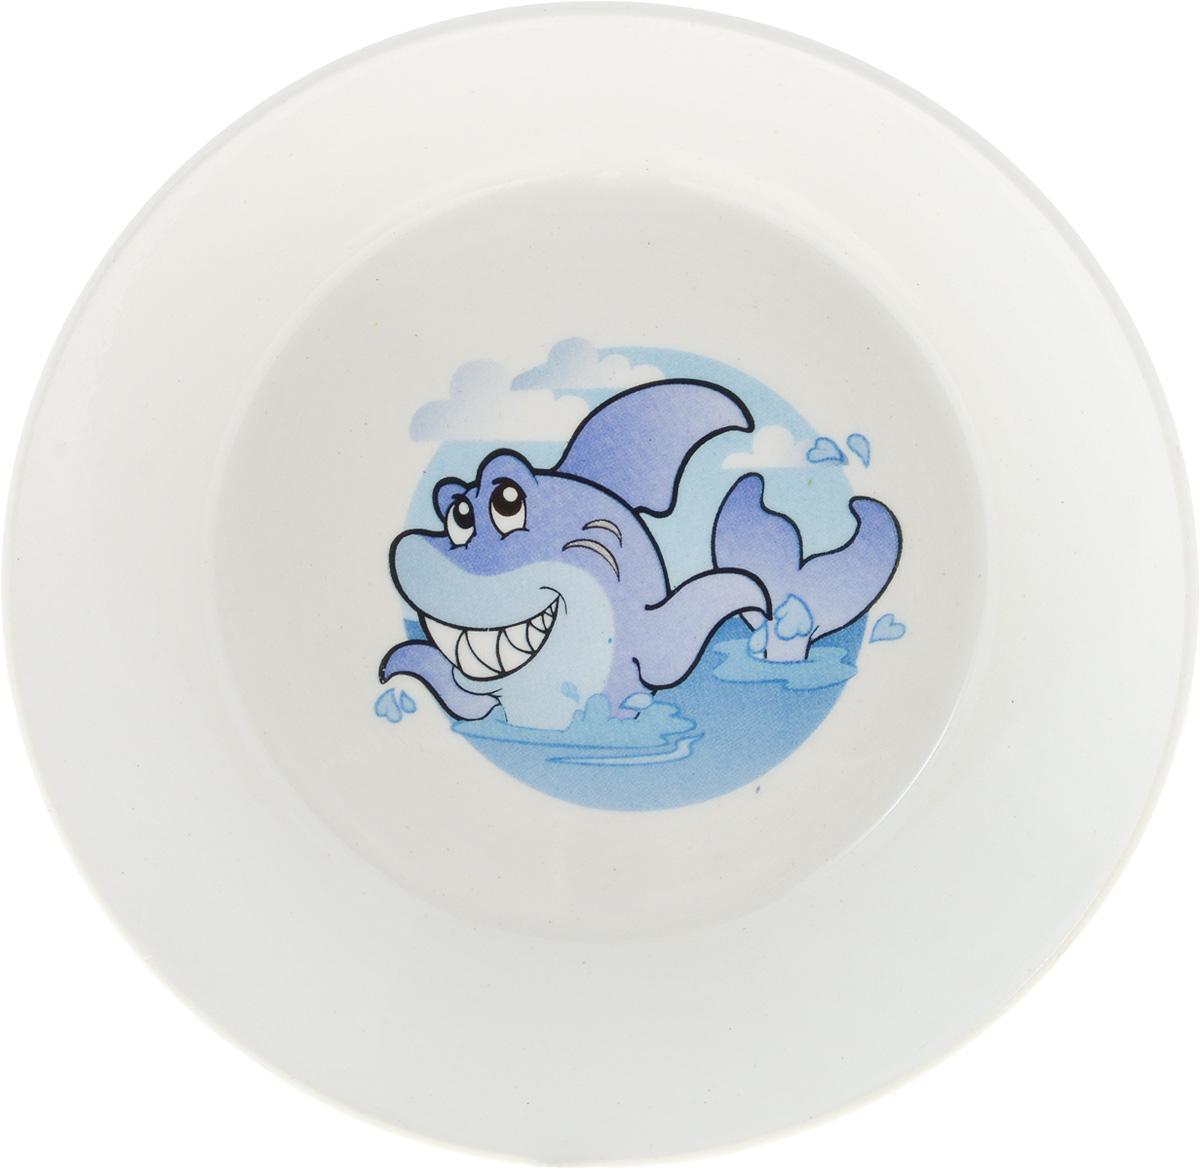 Блюдце Кубаньфарфор Морской мир. Рыба, цвет синий2220069_синяяБлюдце Кубаньфарфор Морской мир. Рыба, цвет синий